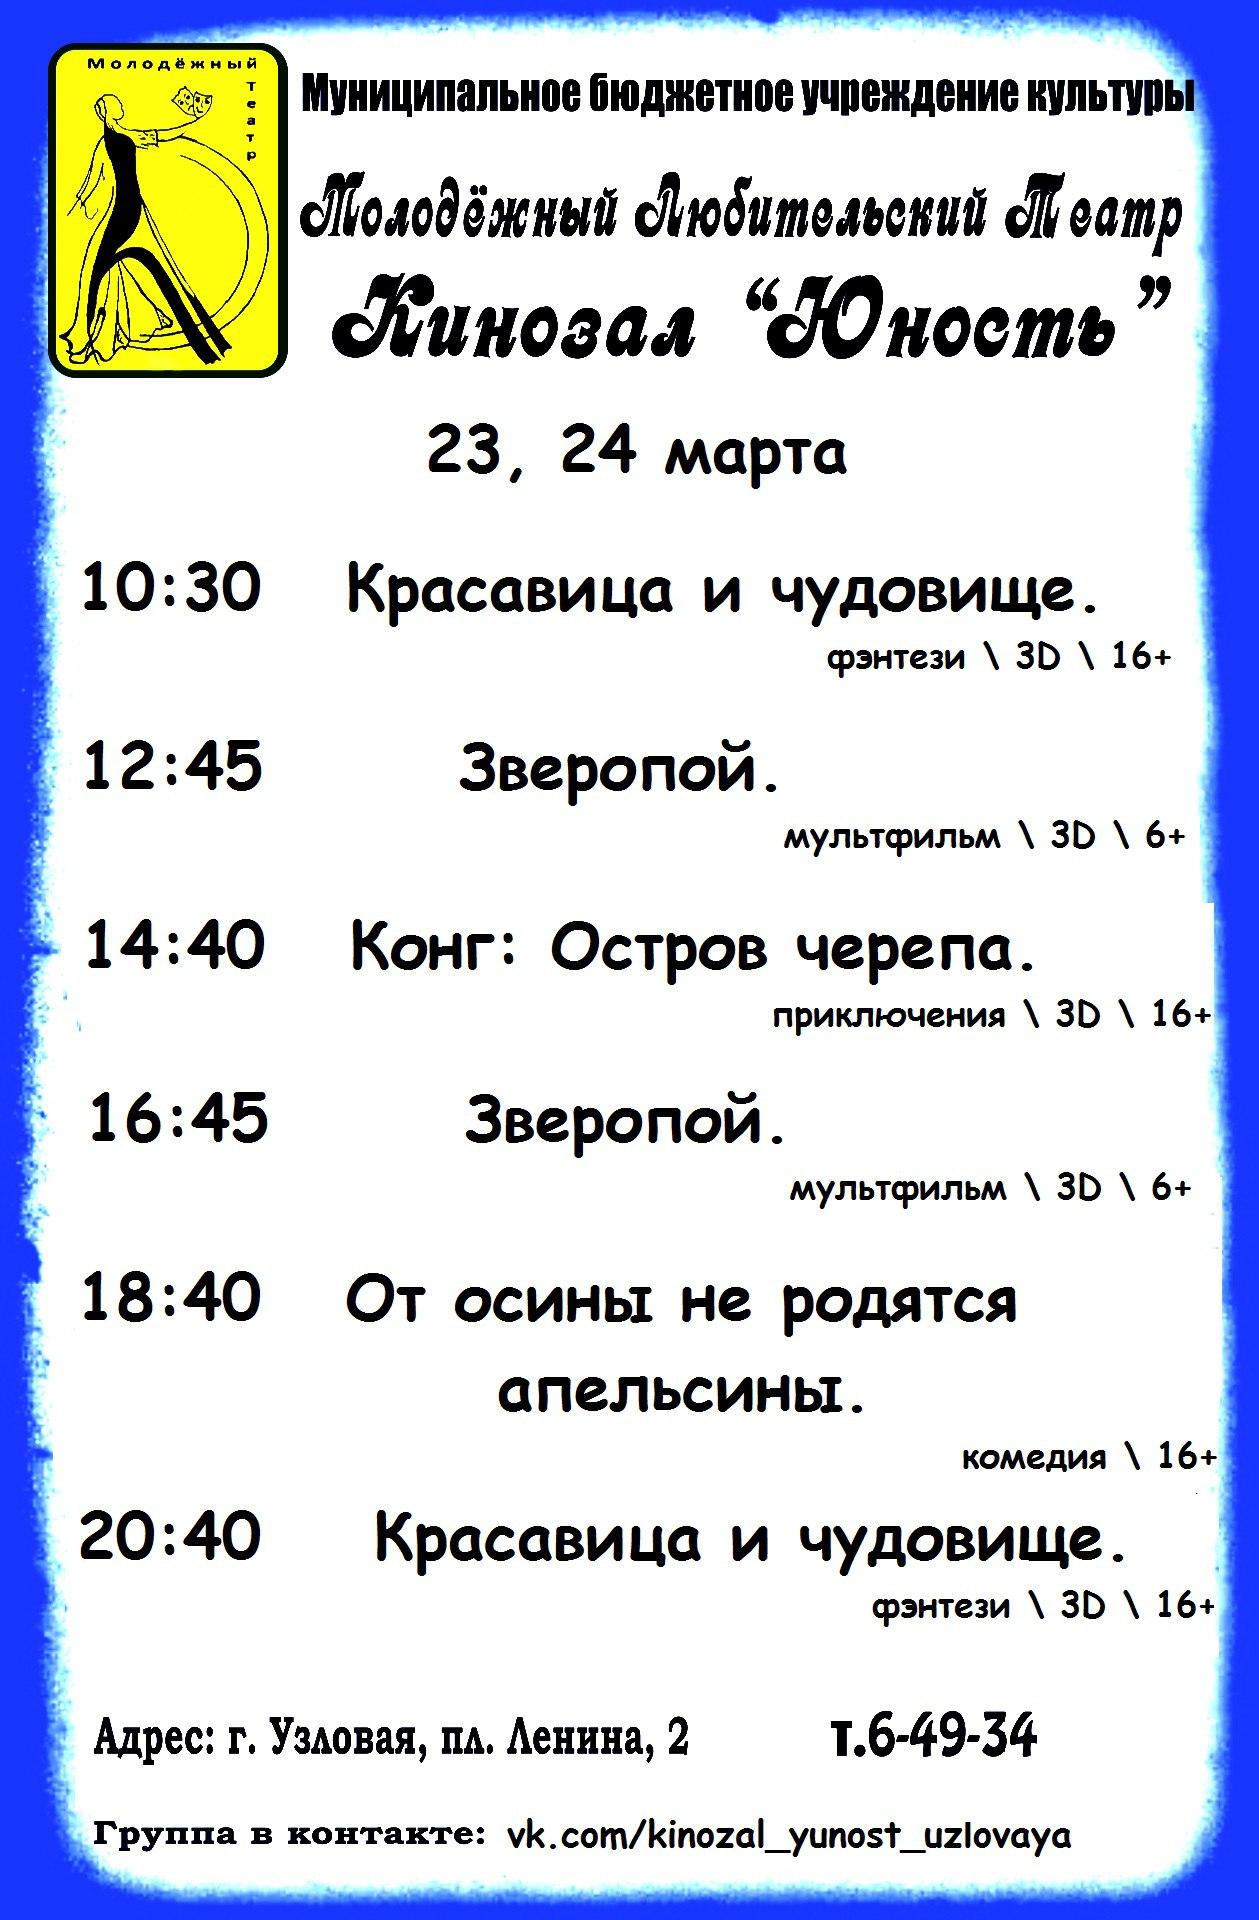 """Расписание кинозала """"Юность """" на 23 и 24 марта"""